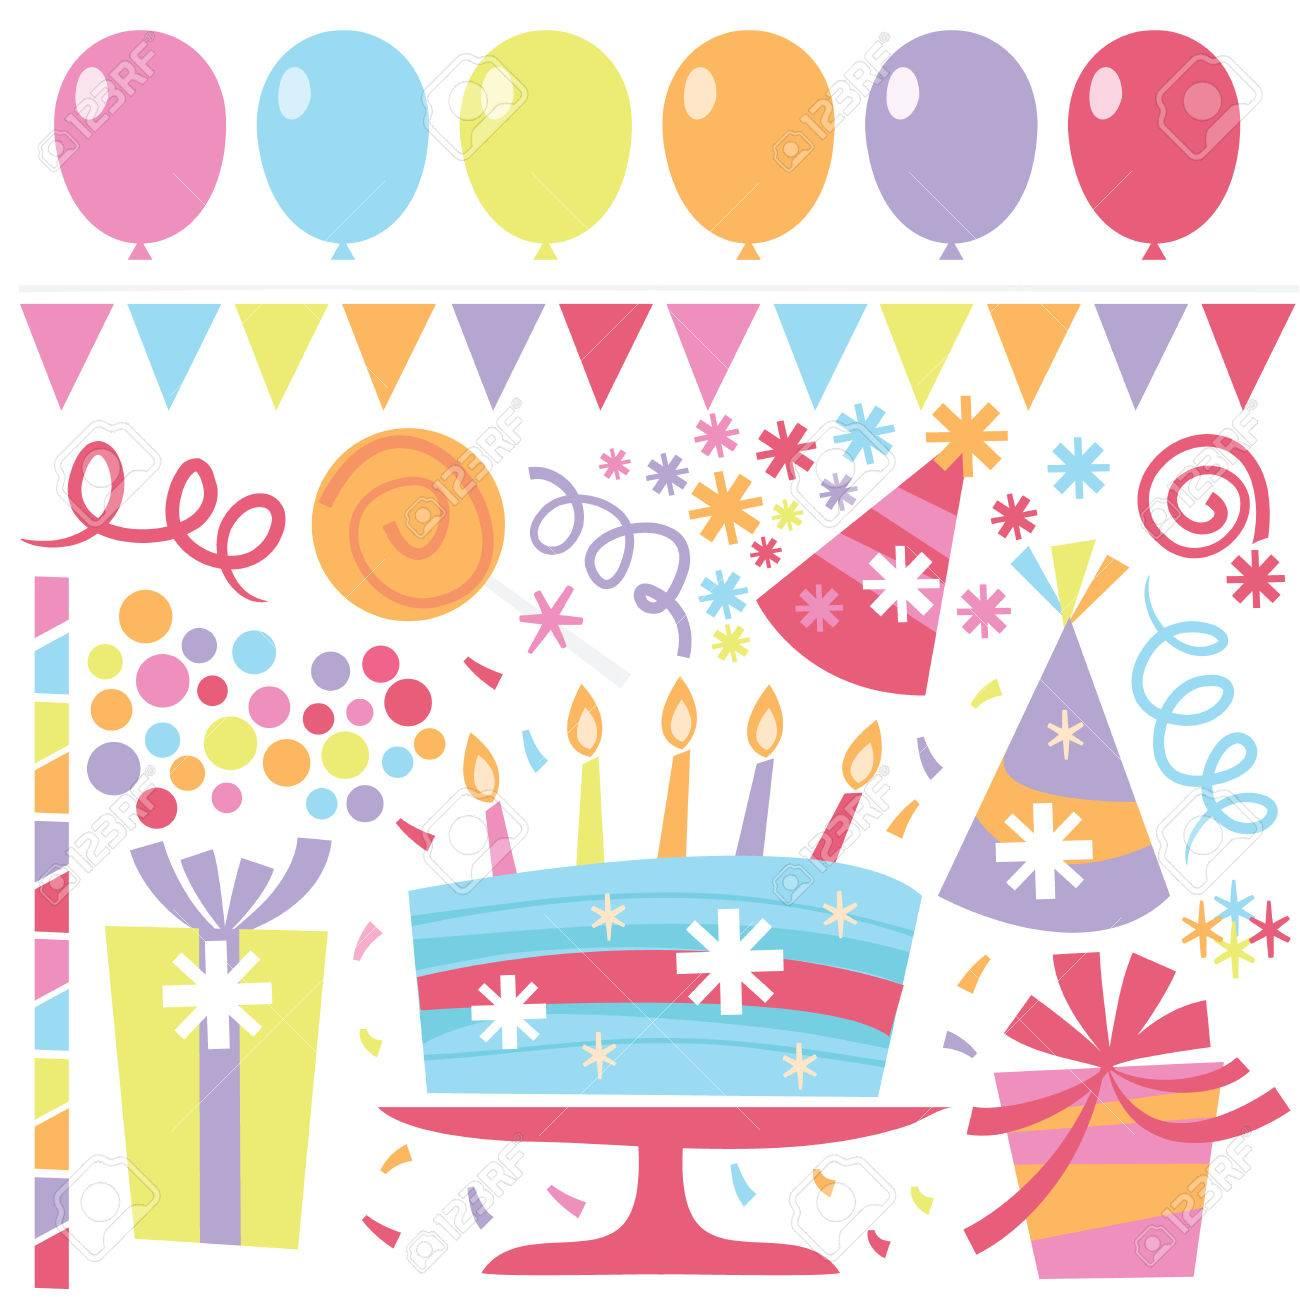 レトロな誕生日クリップ アートのベクトル イラスト気球ギフトカップ